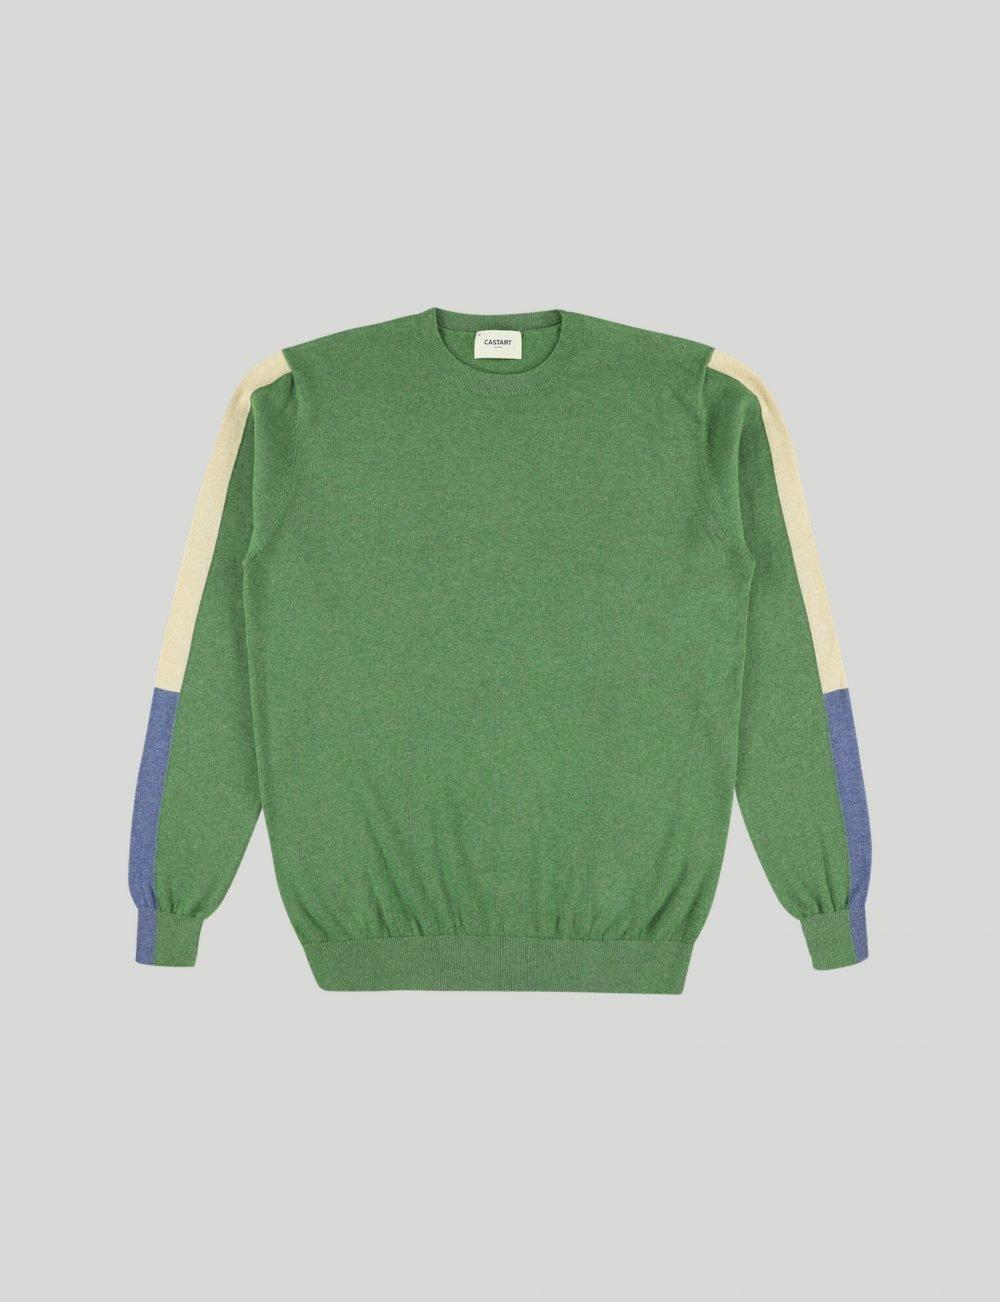 Castart - Kubin Knitwear - Green